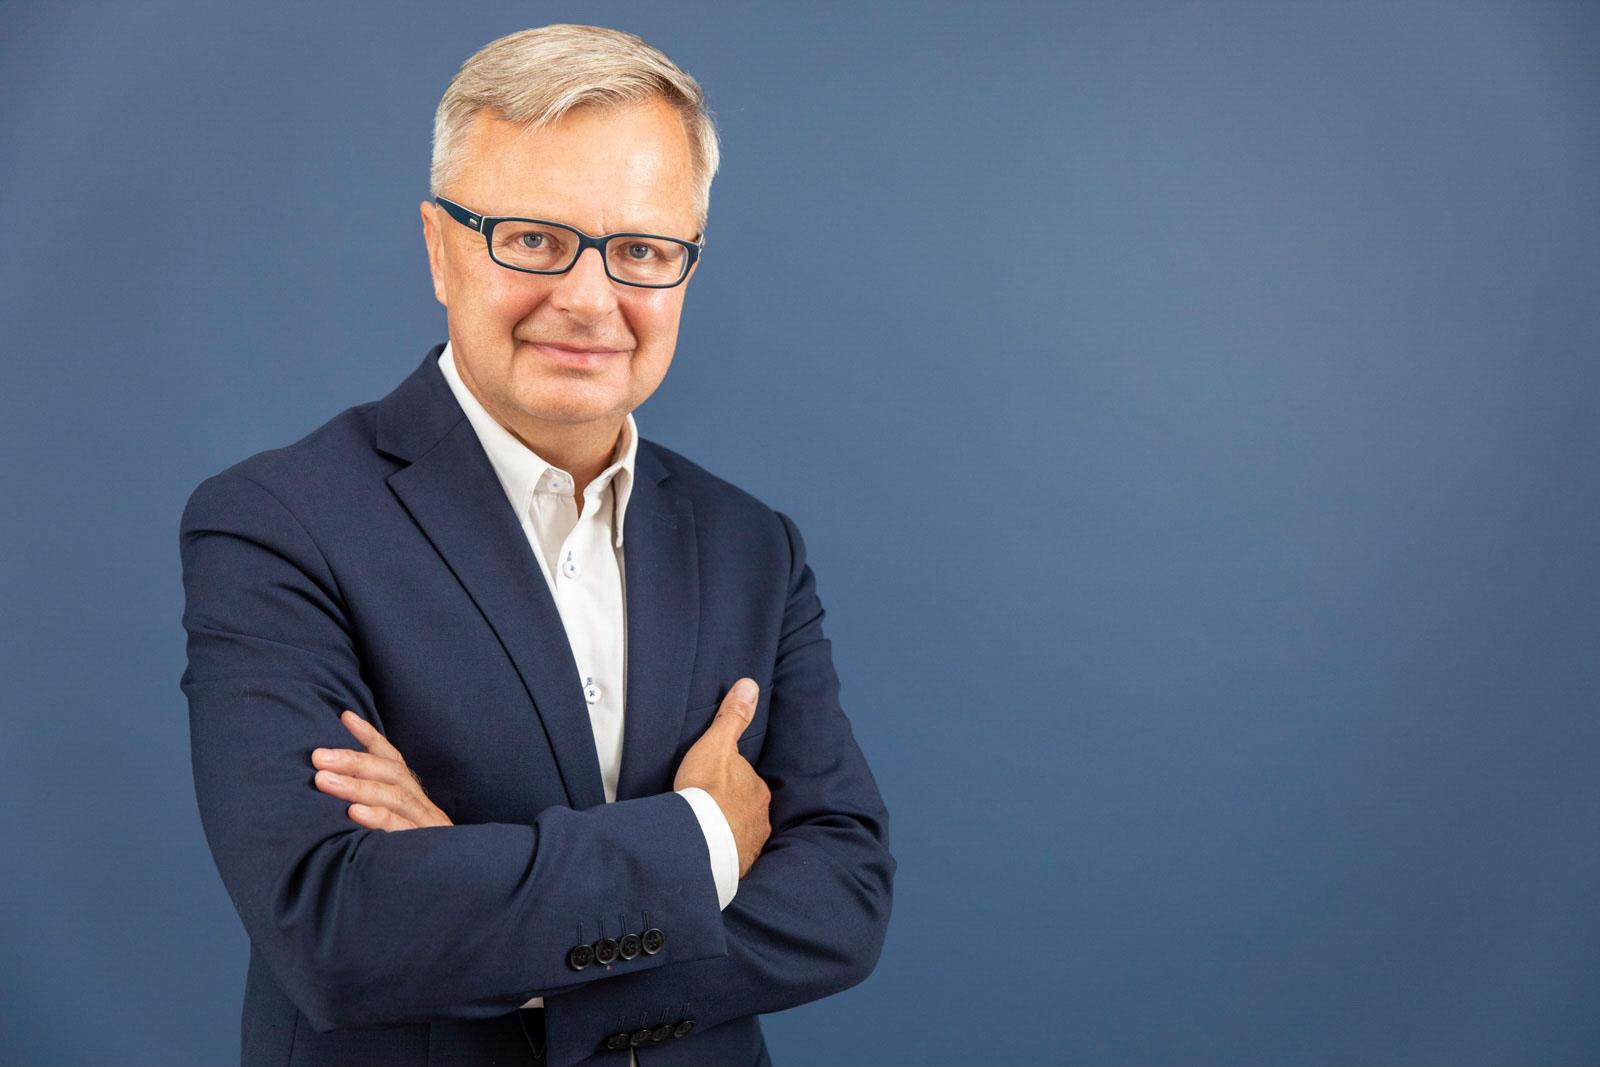 Arkadiusz Klimowicz